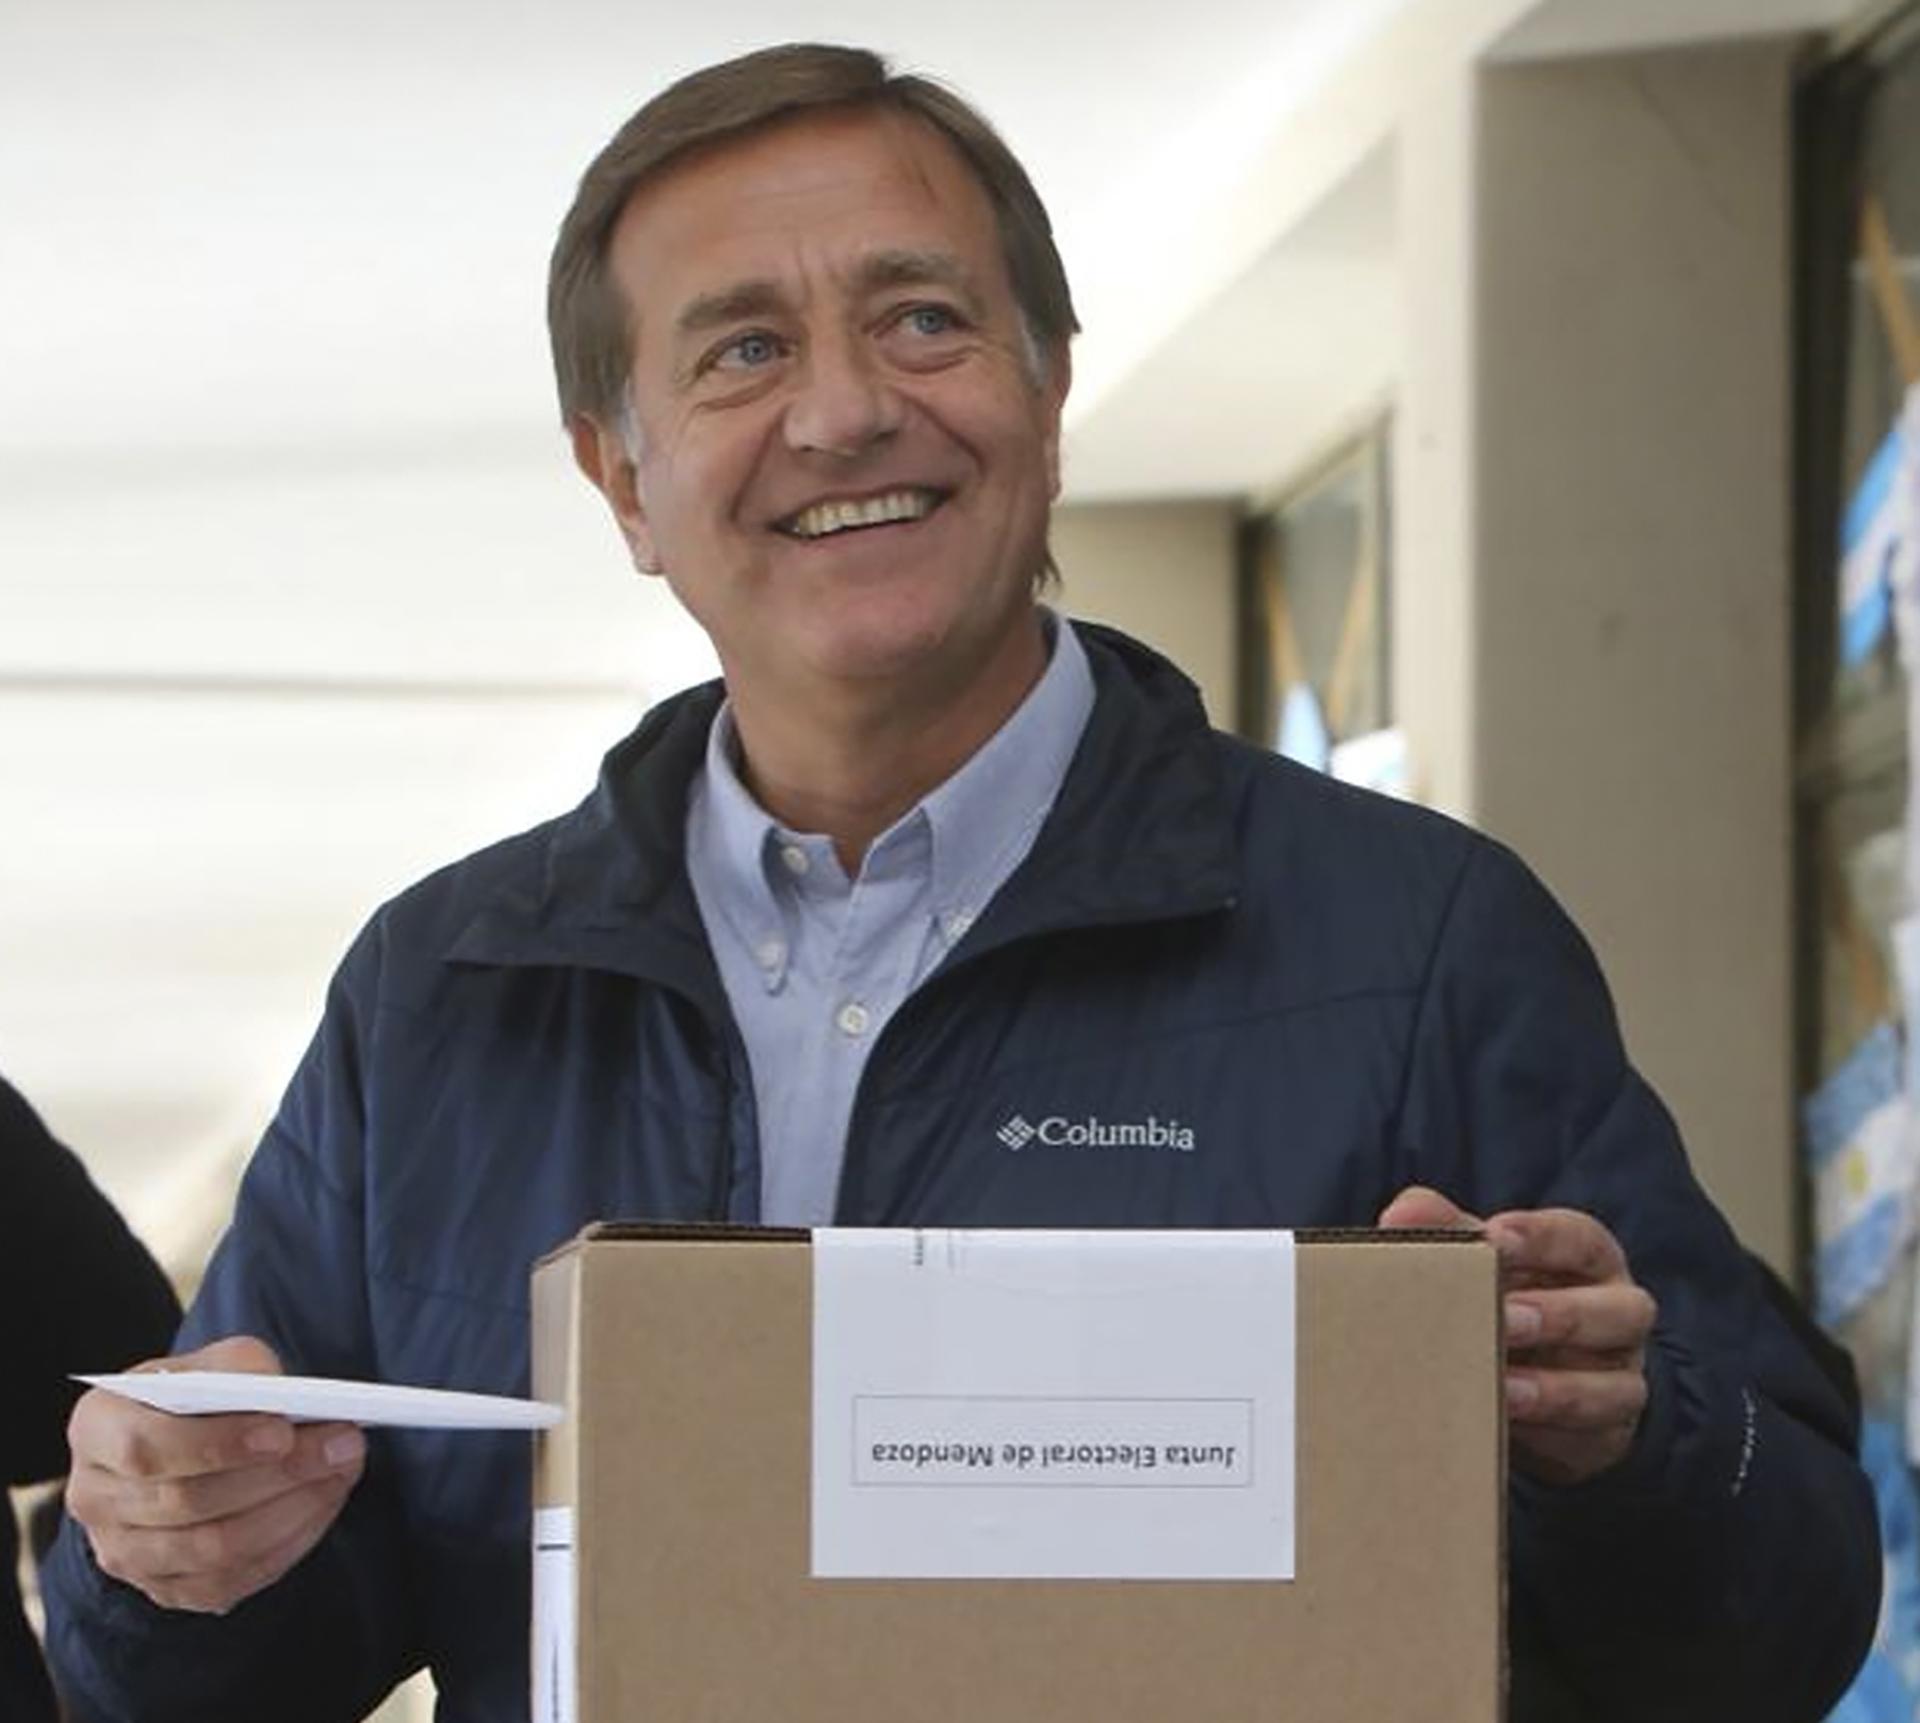 Rodolfo Suarez, precandidato a gobernador de Cambiemos en Mendoza, aliado al actual gobernador Cornejo